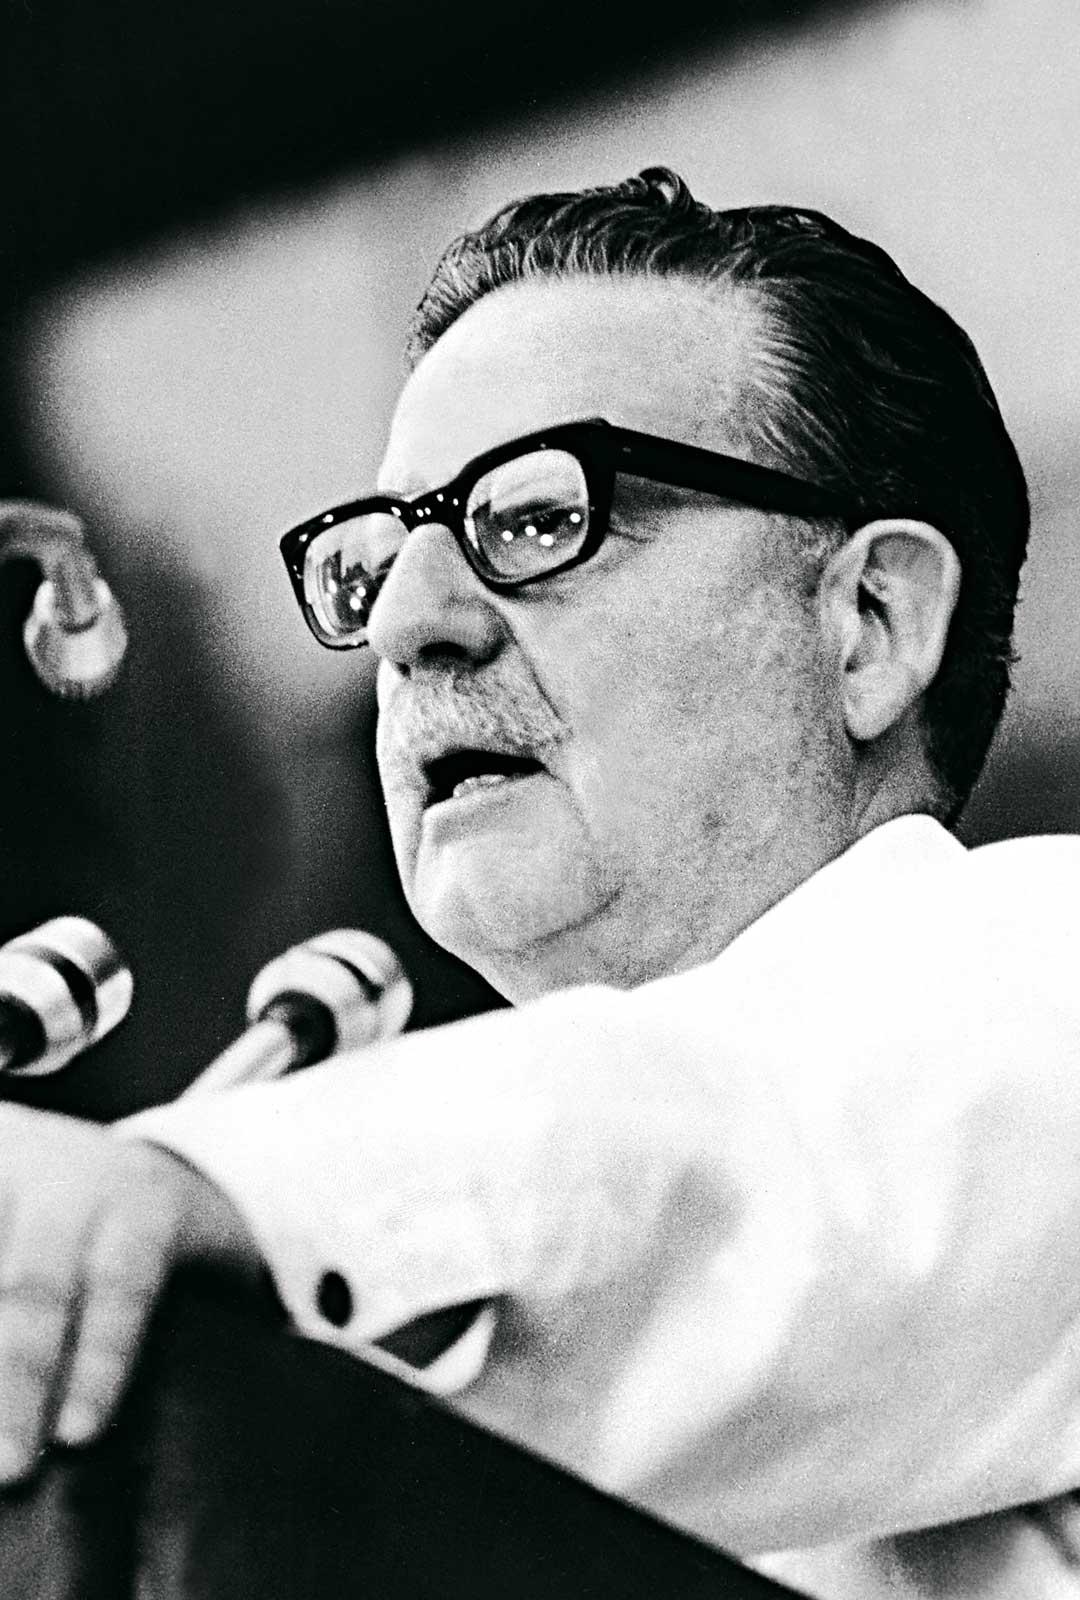 Työväen presidentti Salvador Allende pyrki tasaamaan luokkaeroja.